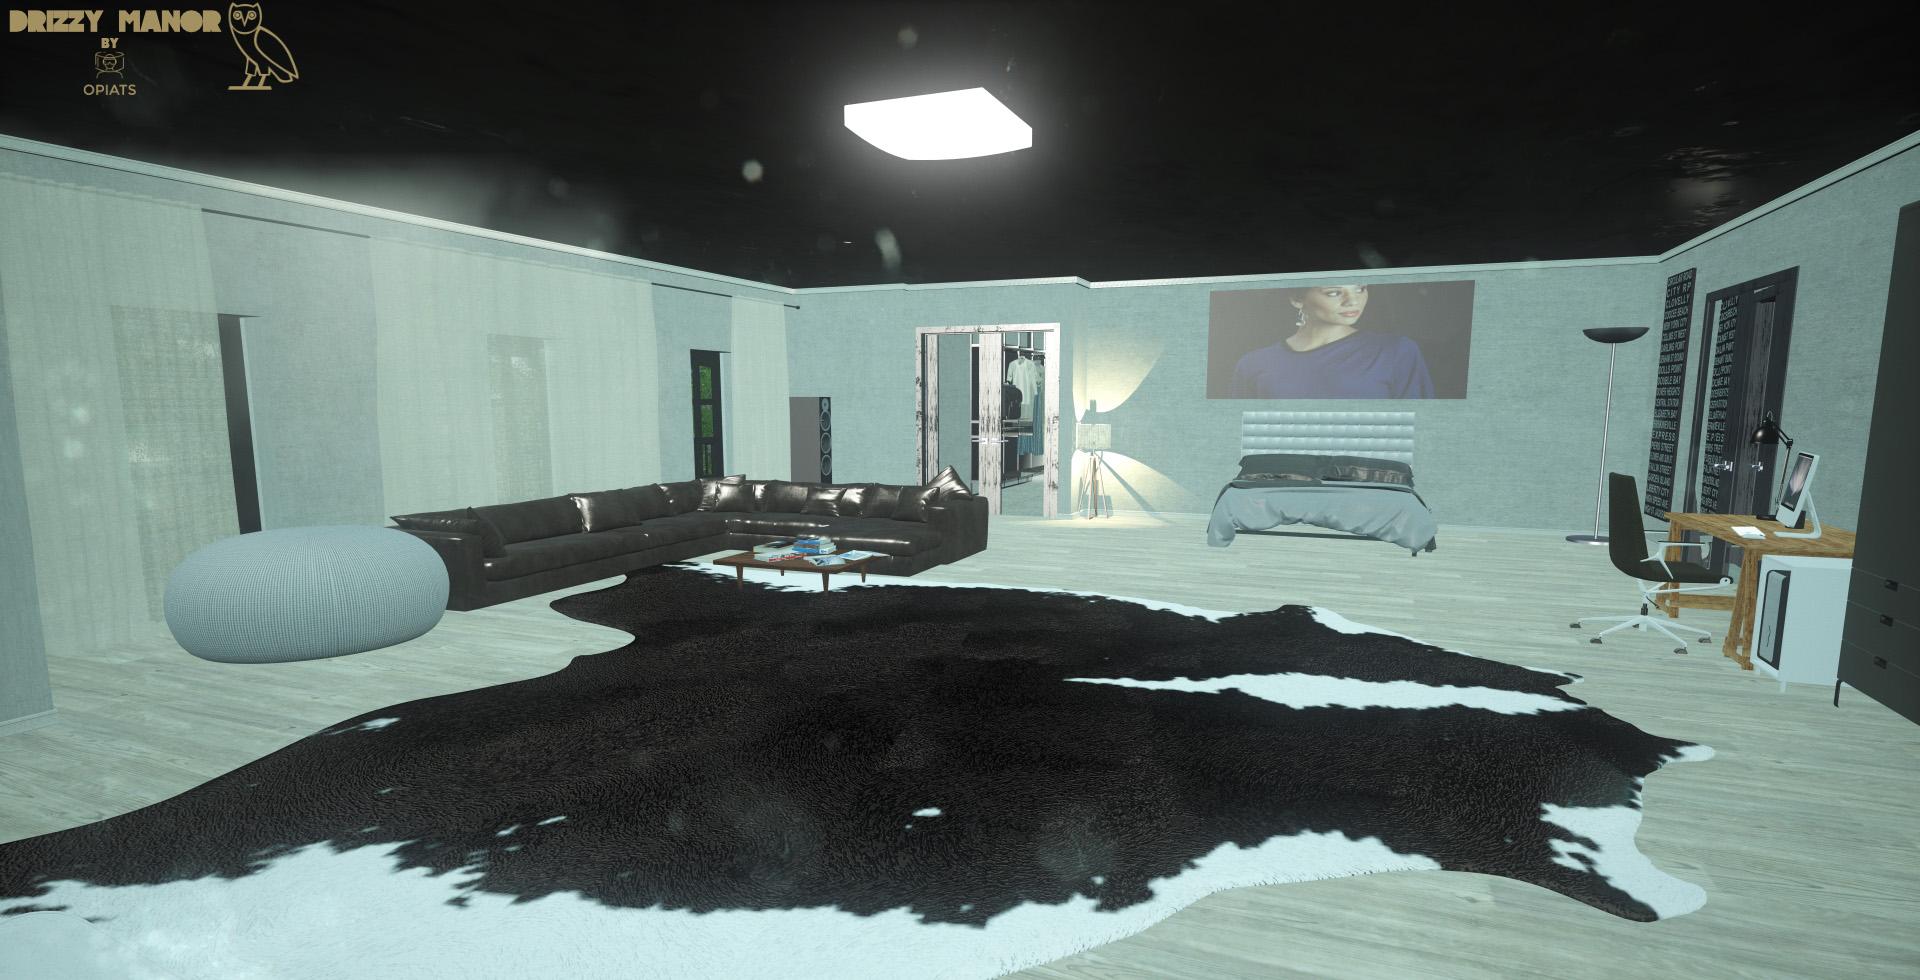 Drake Manor - VR video game